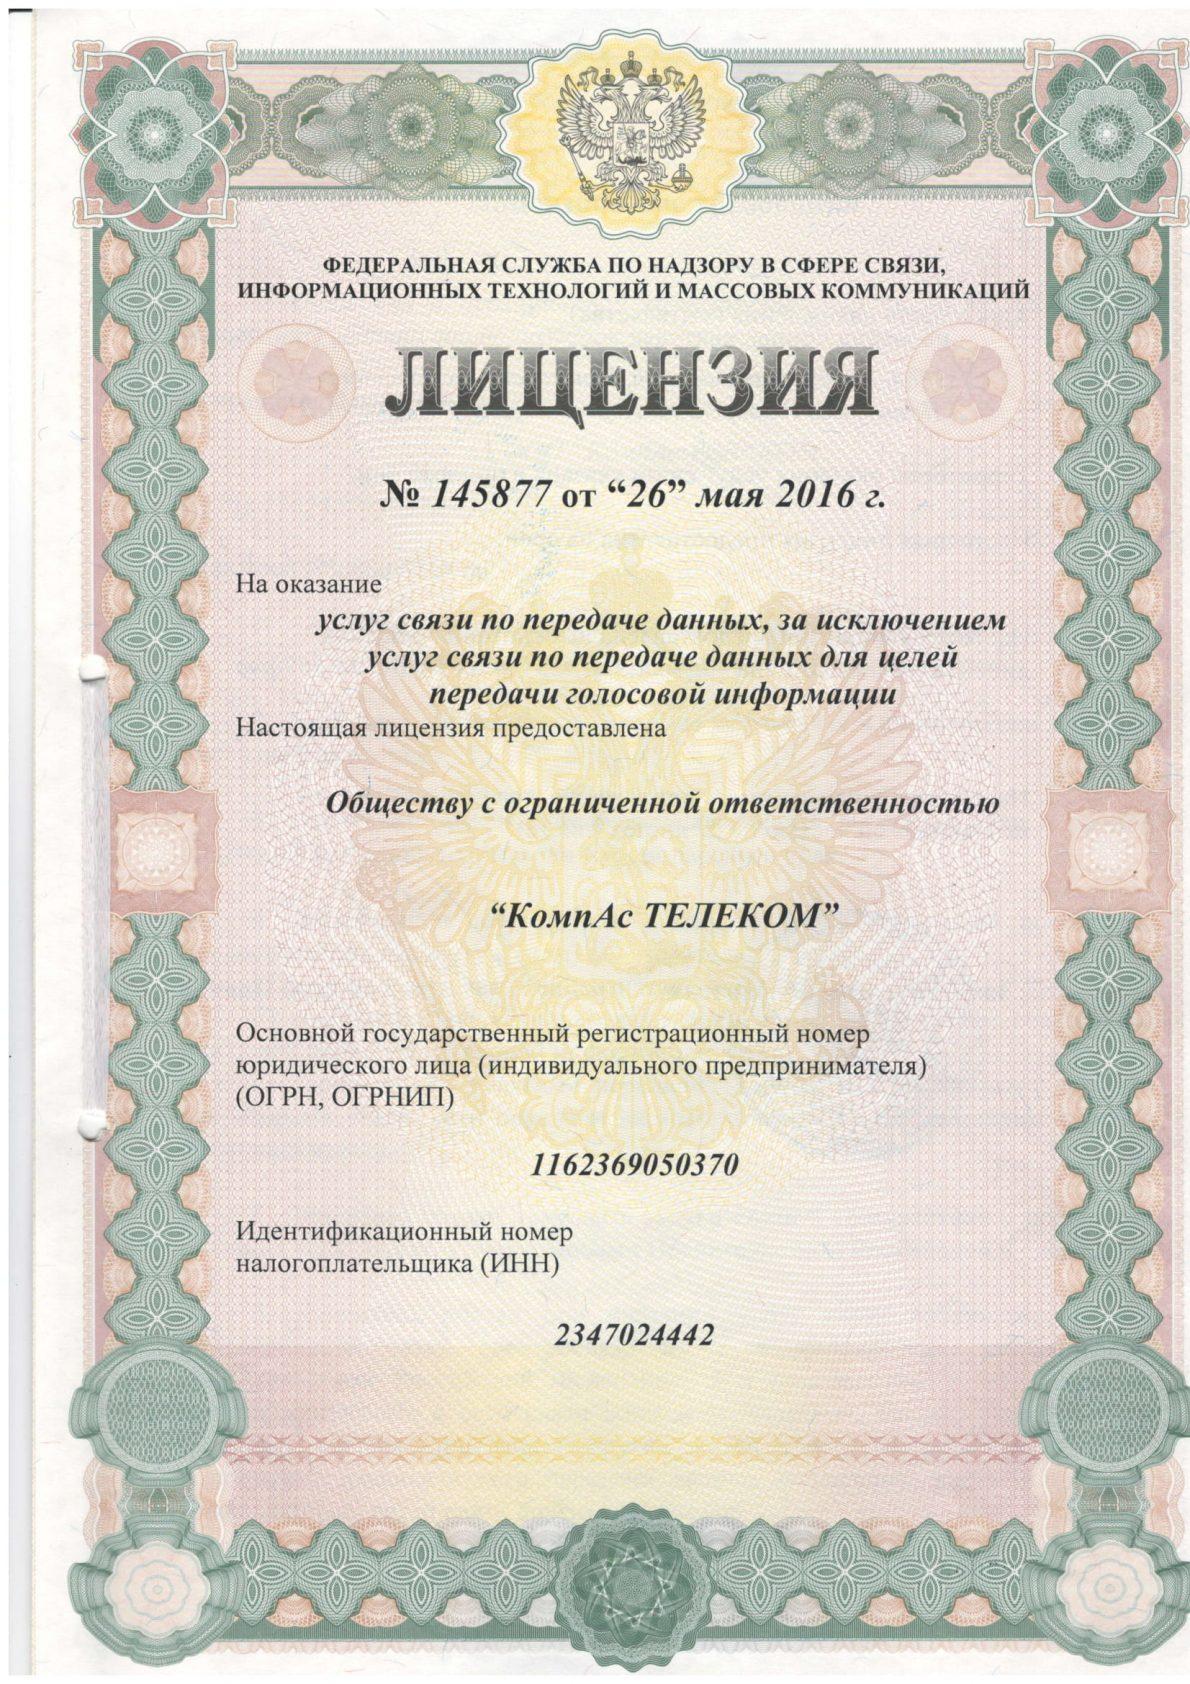 лицензия по передаче данных № 145877 от 26.05.16 г.-1